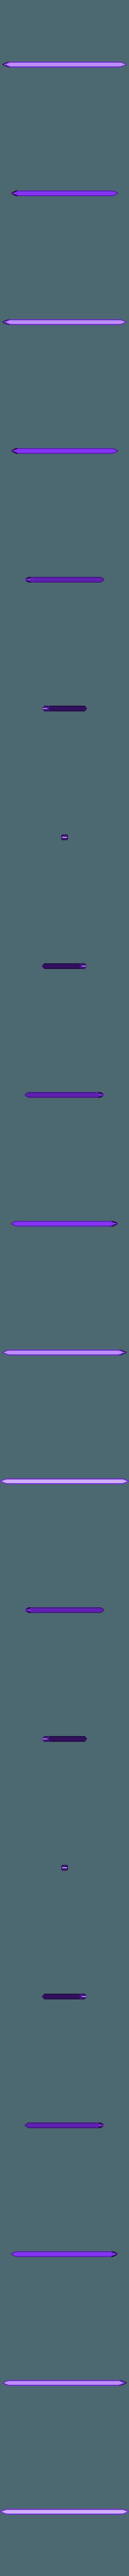 pennon_shaft-165.stl Télécharger fichier STL gratuit Couloir Seej • Design pour impression 3D, bLiTzJoN